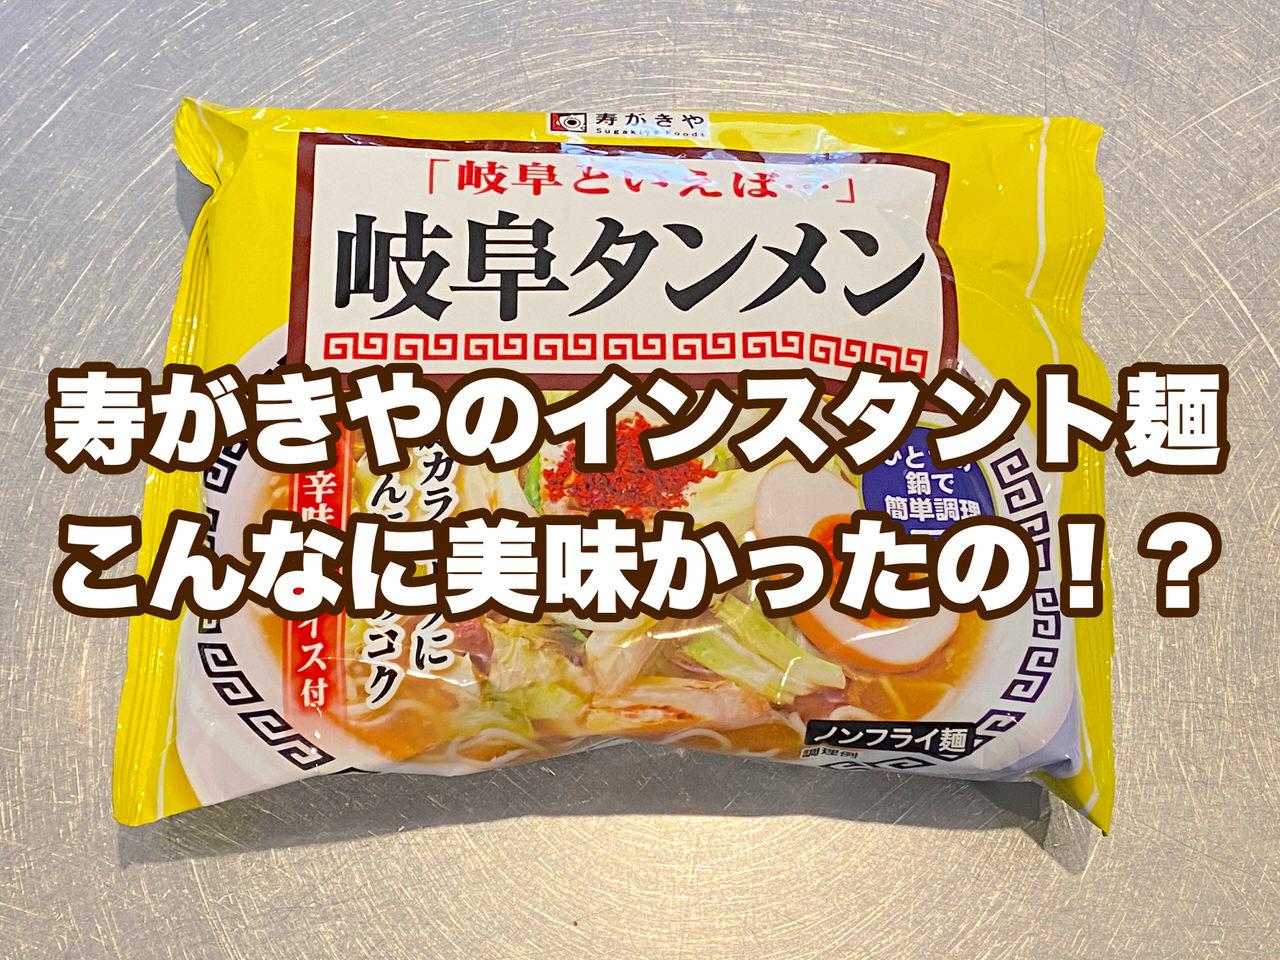 ローソンストア100で売ってた寿がきやの袋麺「岐阜タンメン」「富山ブラック」こんなに美味かったの!?